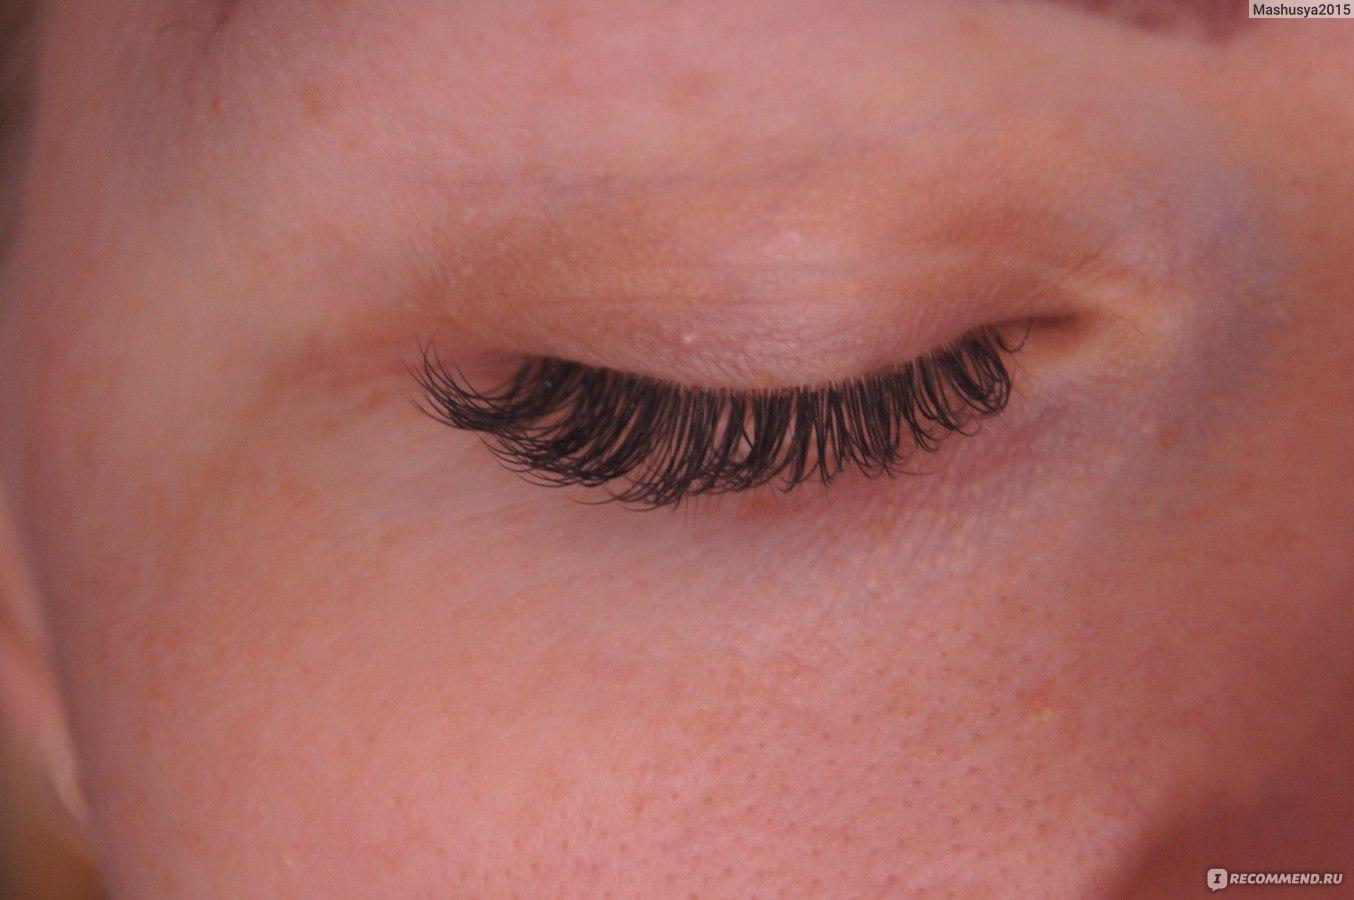 вбыору нарощенные ресницы фото орле где можно сделать волосы это тонкие